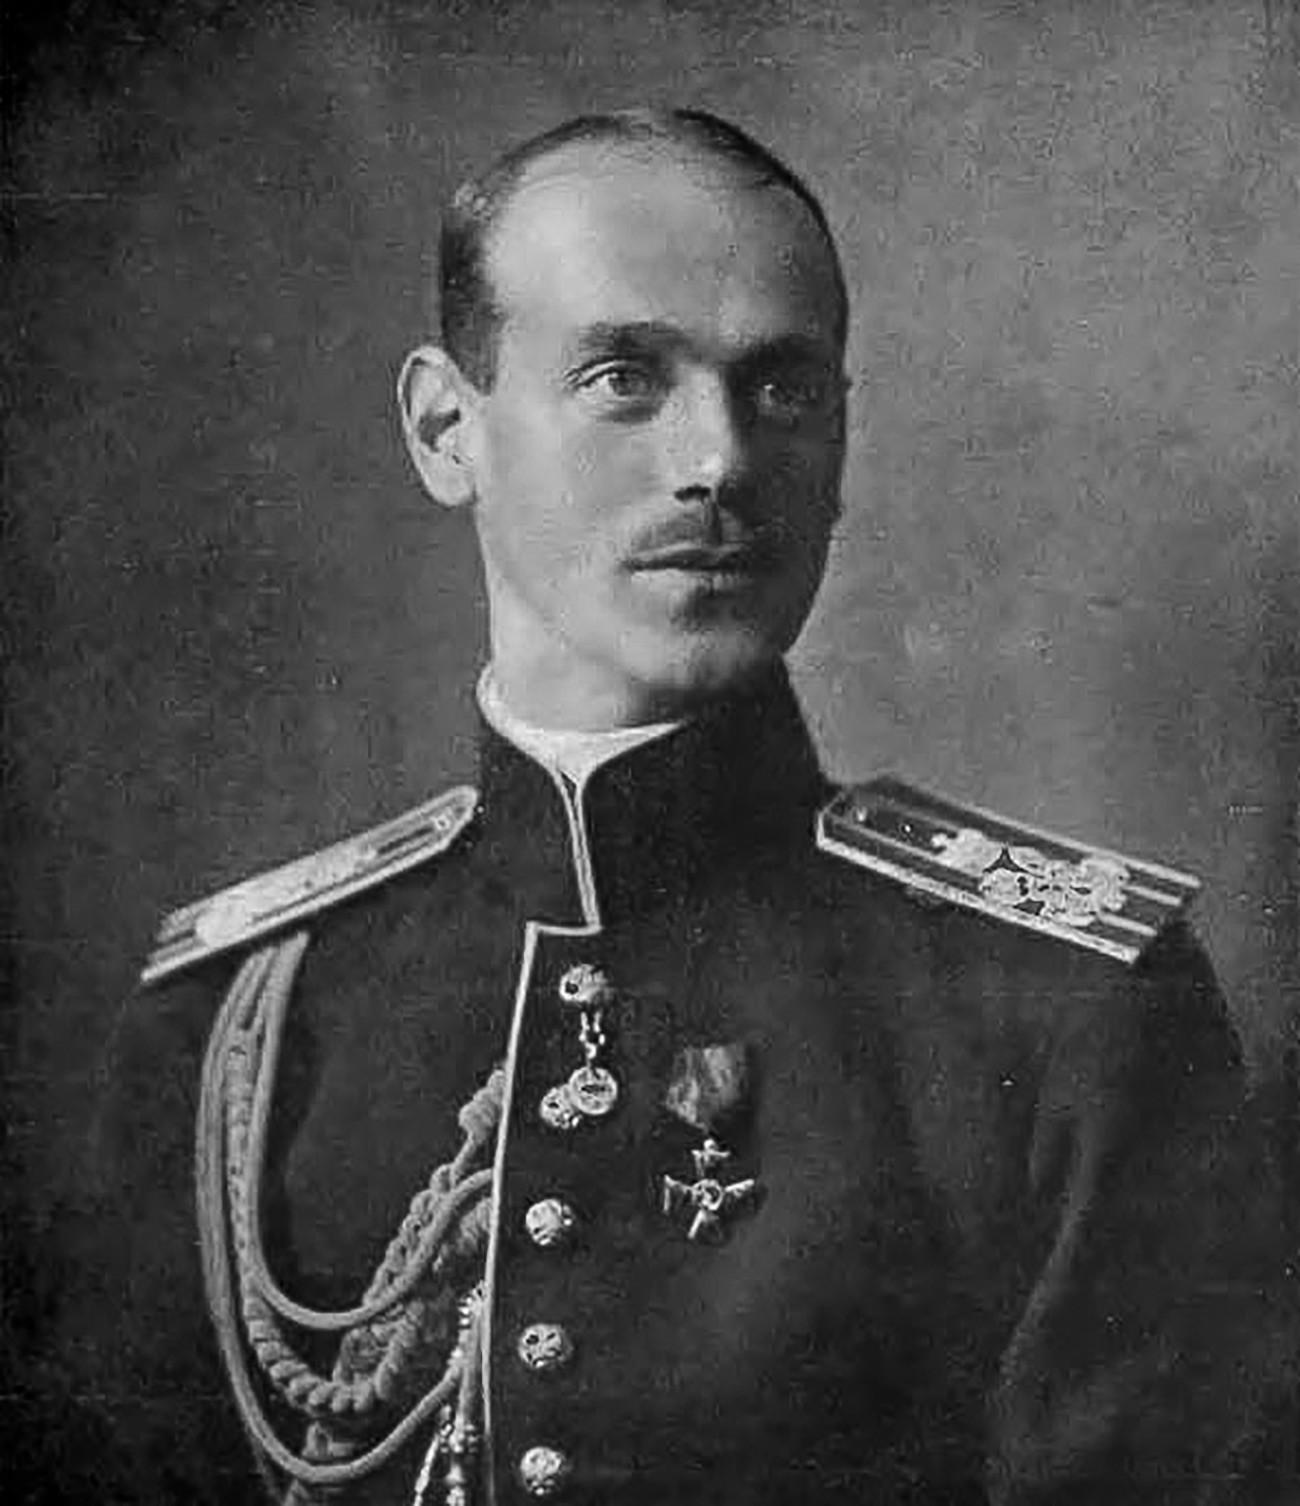 Adipati Agung Rusia Mikhail Aleksandrovich, adik laki-laki kaisar terakhir Rusia.